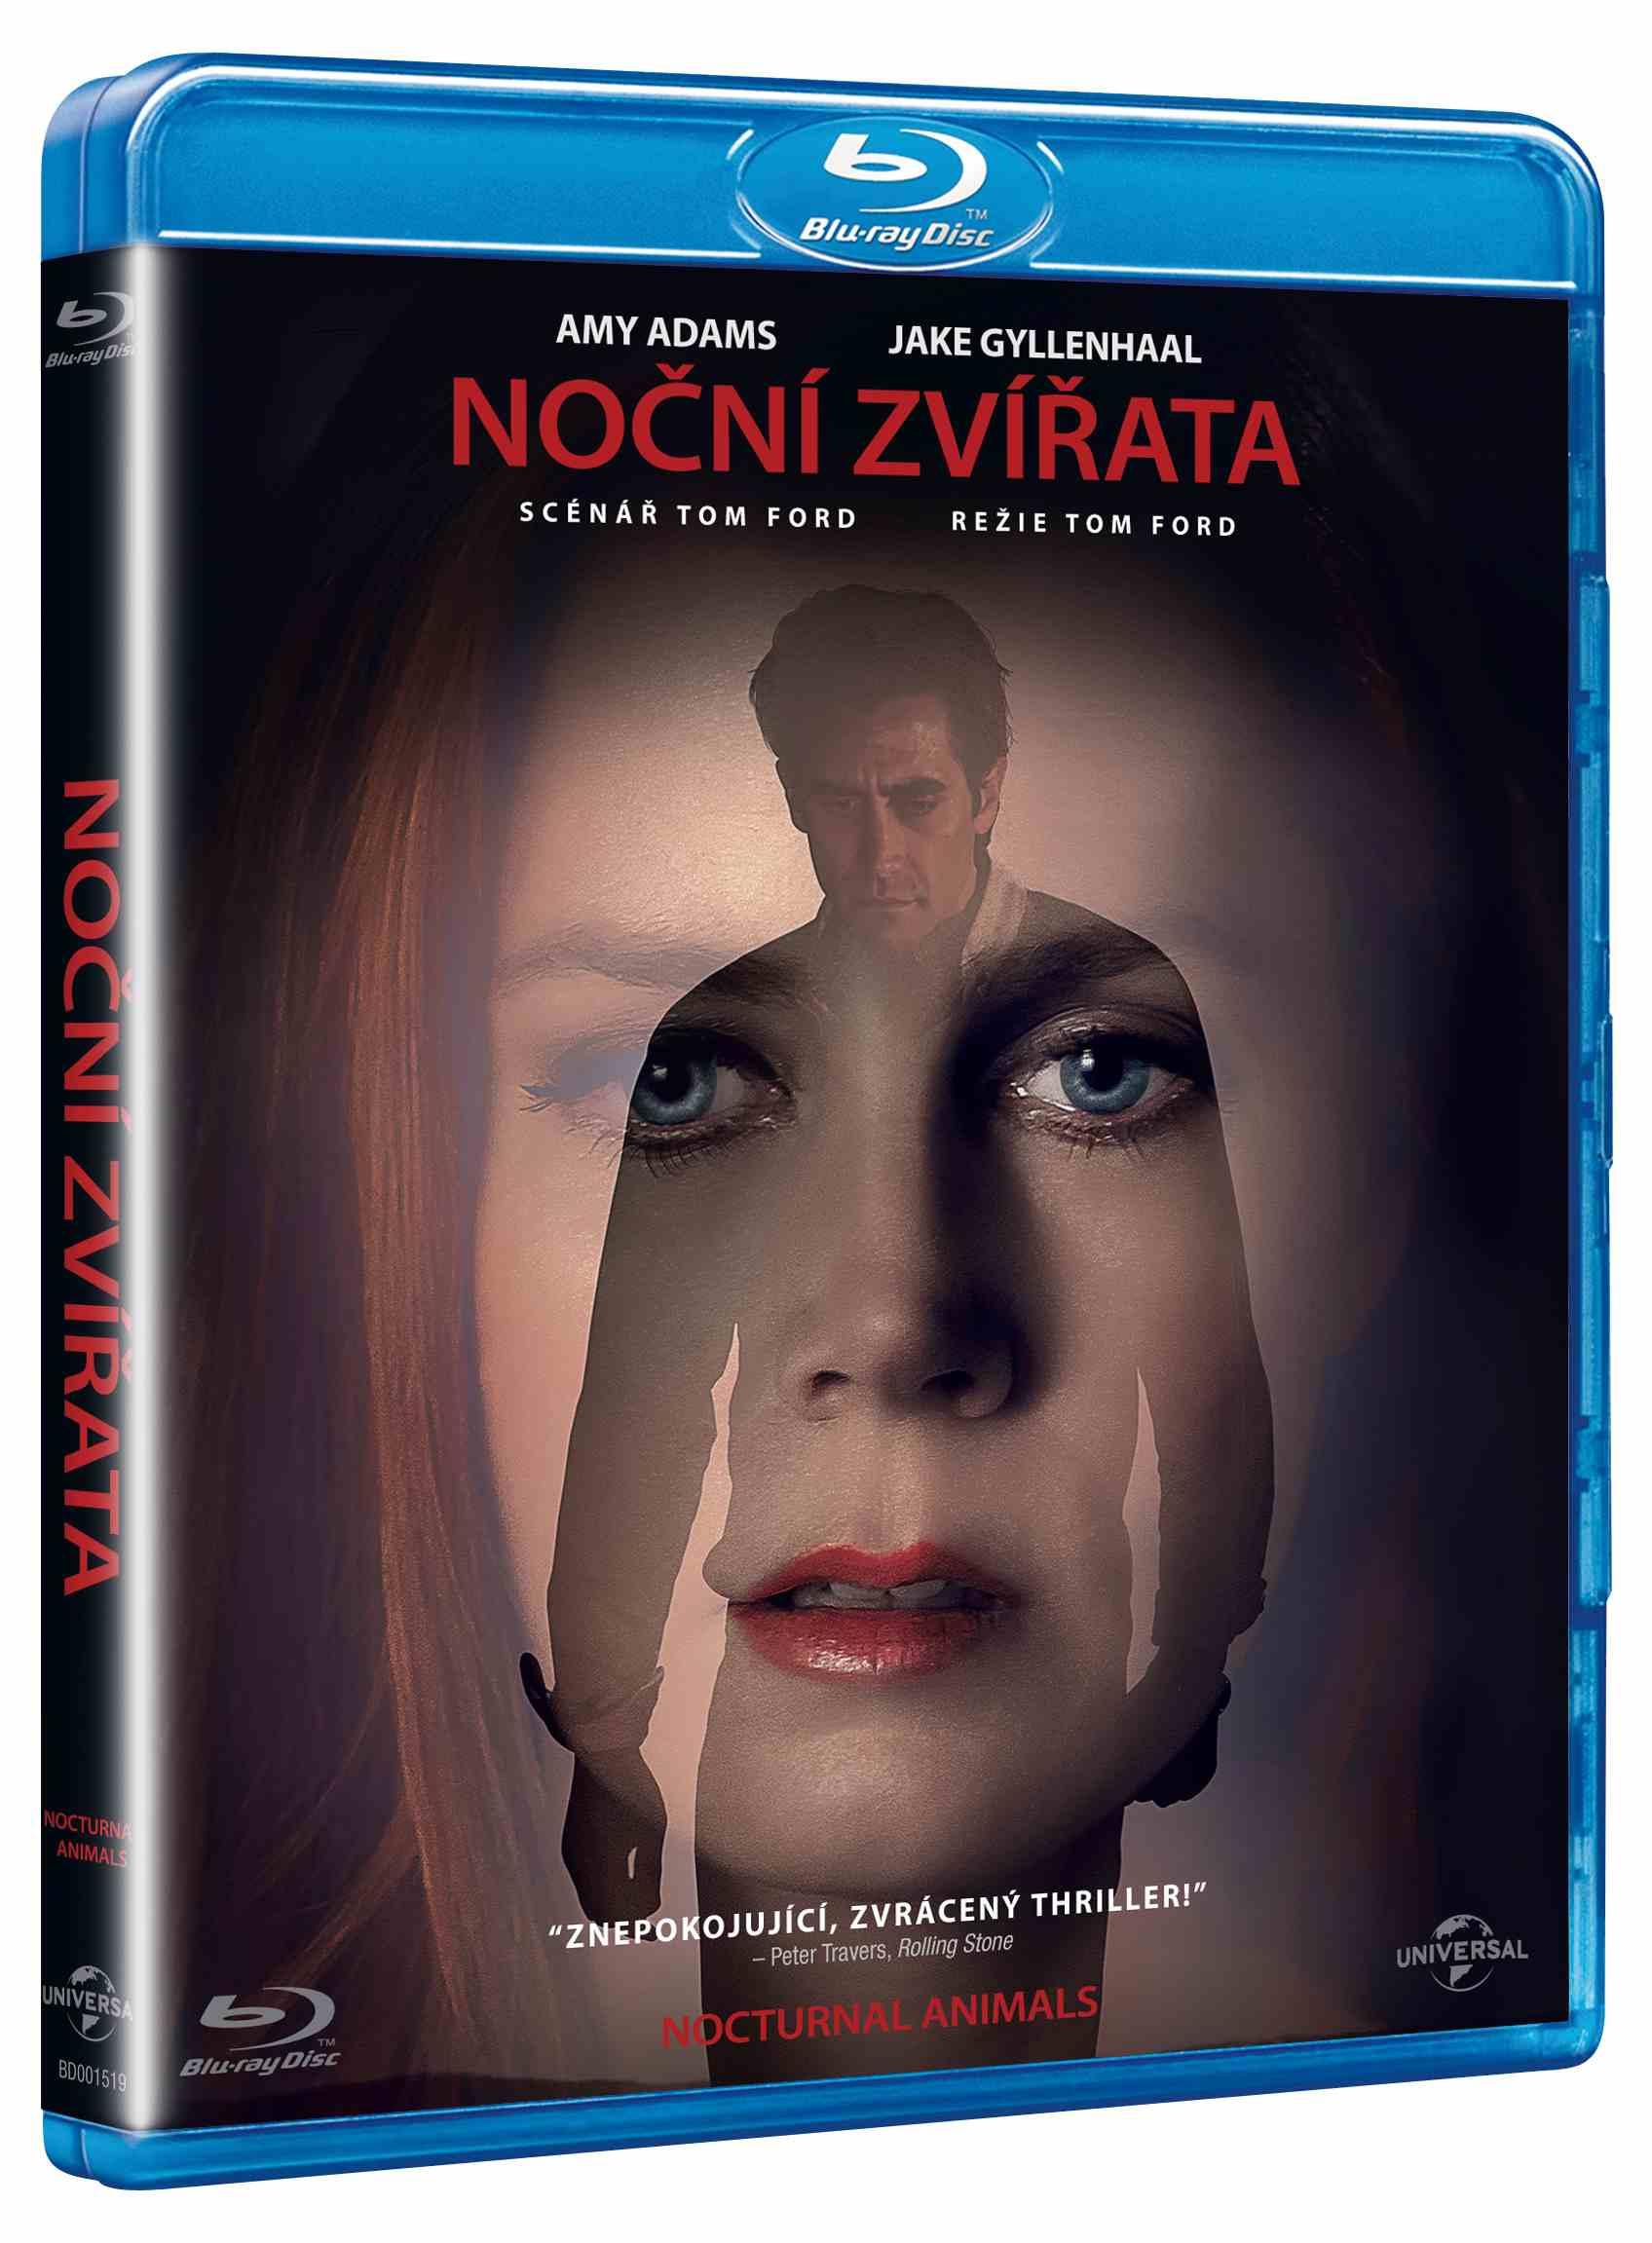 NOČNÍ ZVÍŘATA - Blu-ray